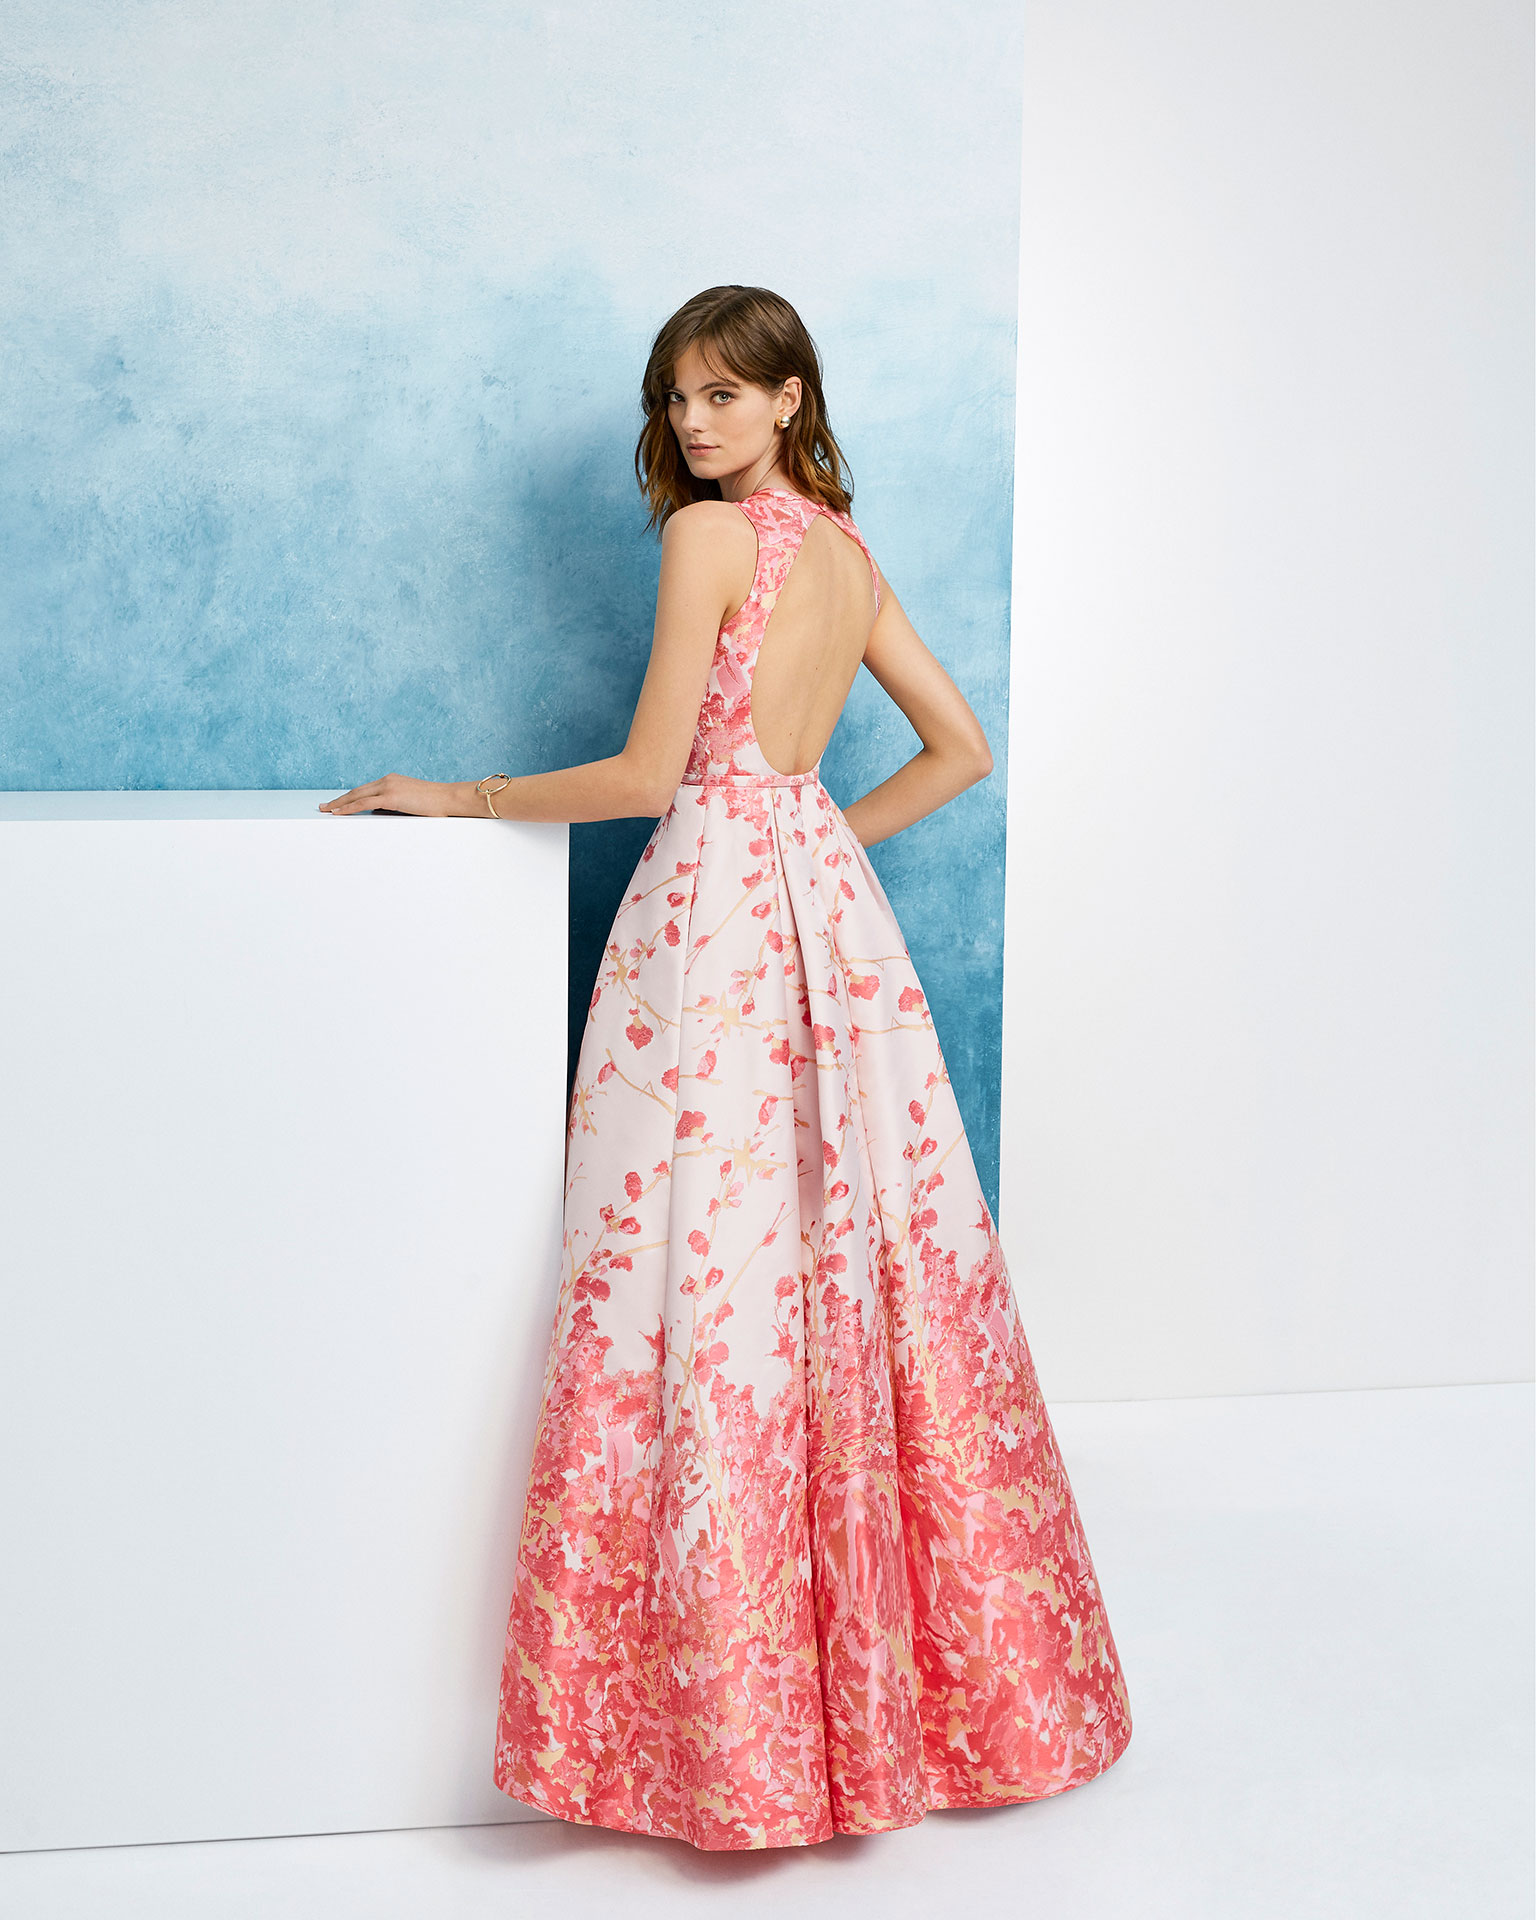 Vestido de fiesta estilo clásico en mikado. Escote cerrado y escote espalda redondo. Colección AIRE_BARCELONA_FIESTA 2019.